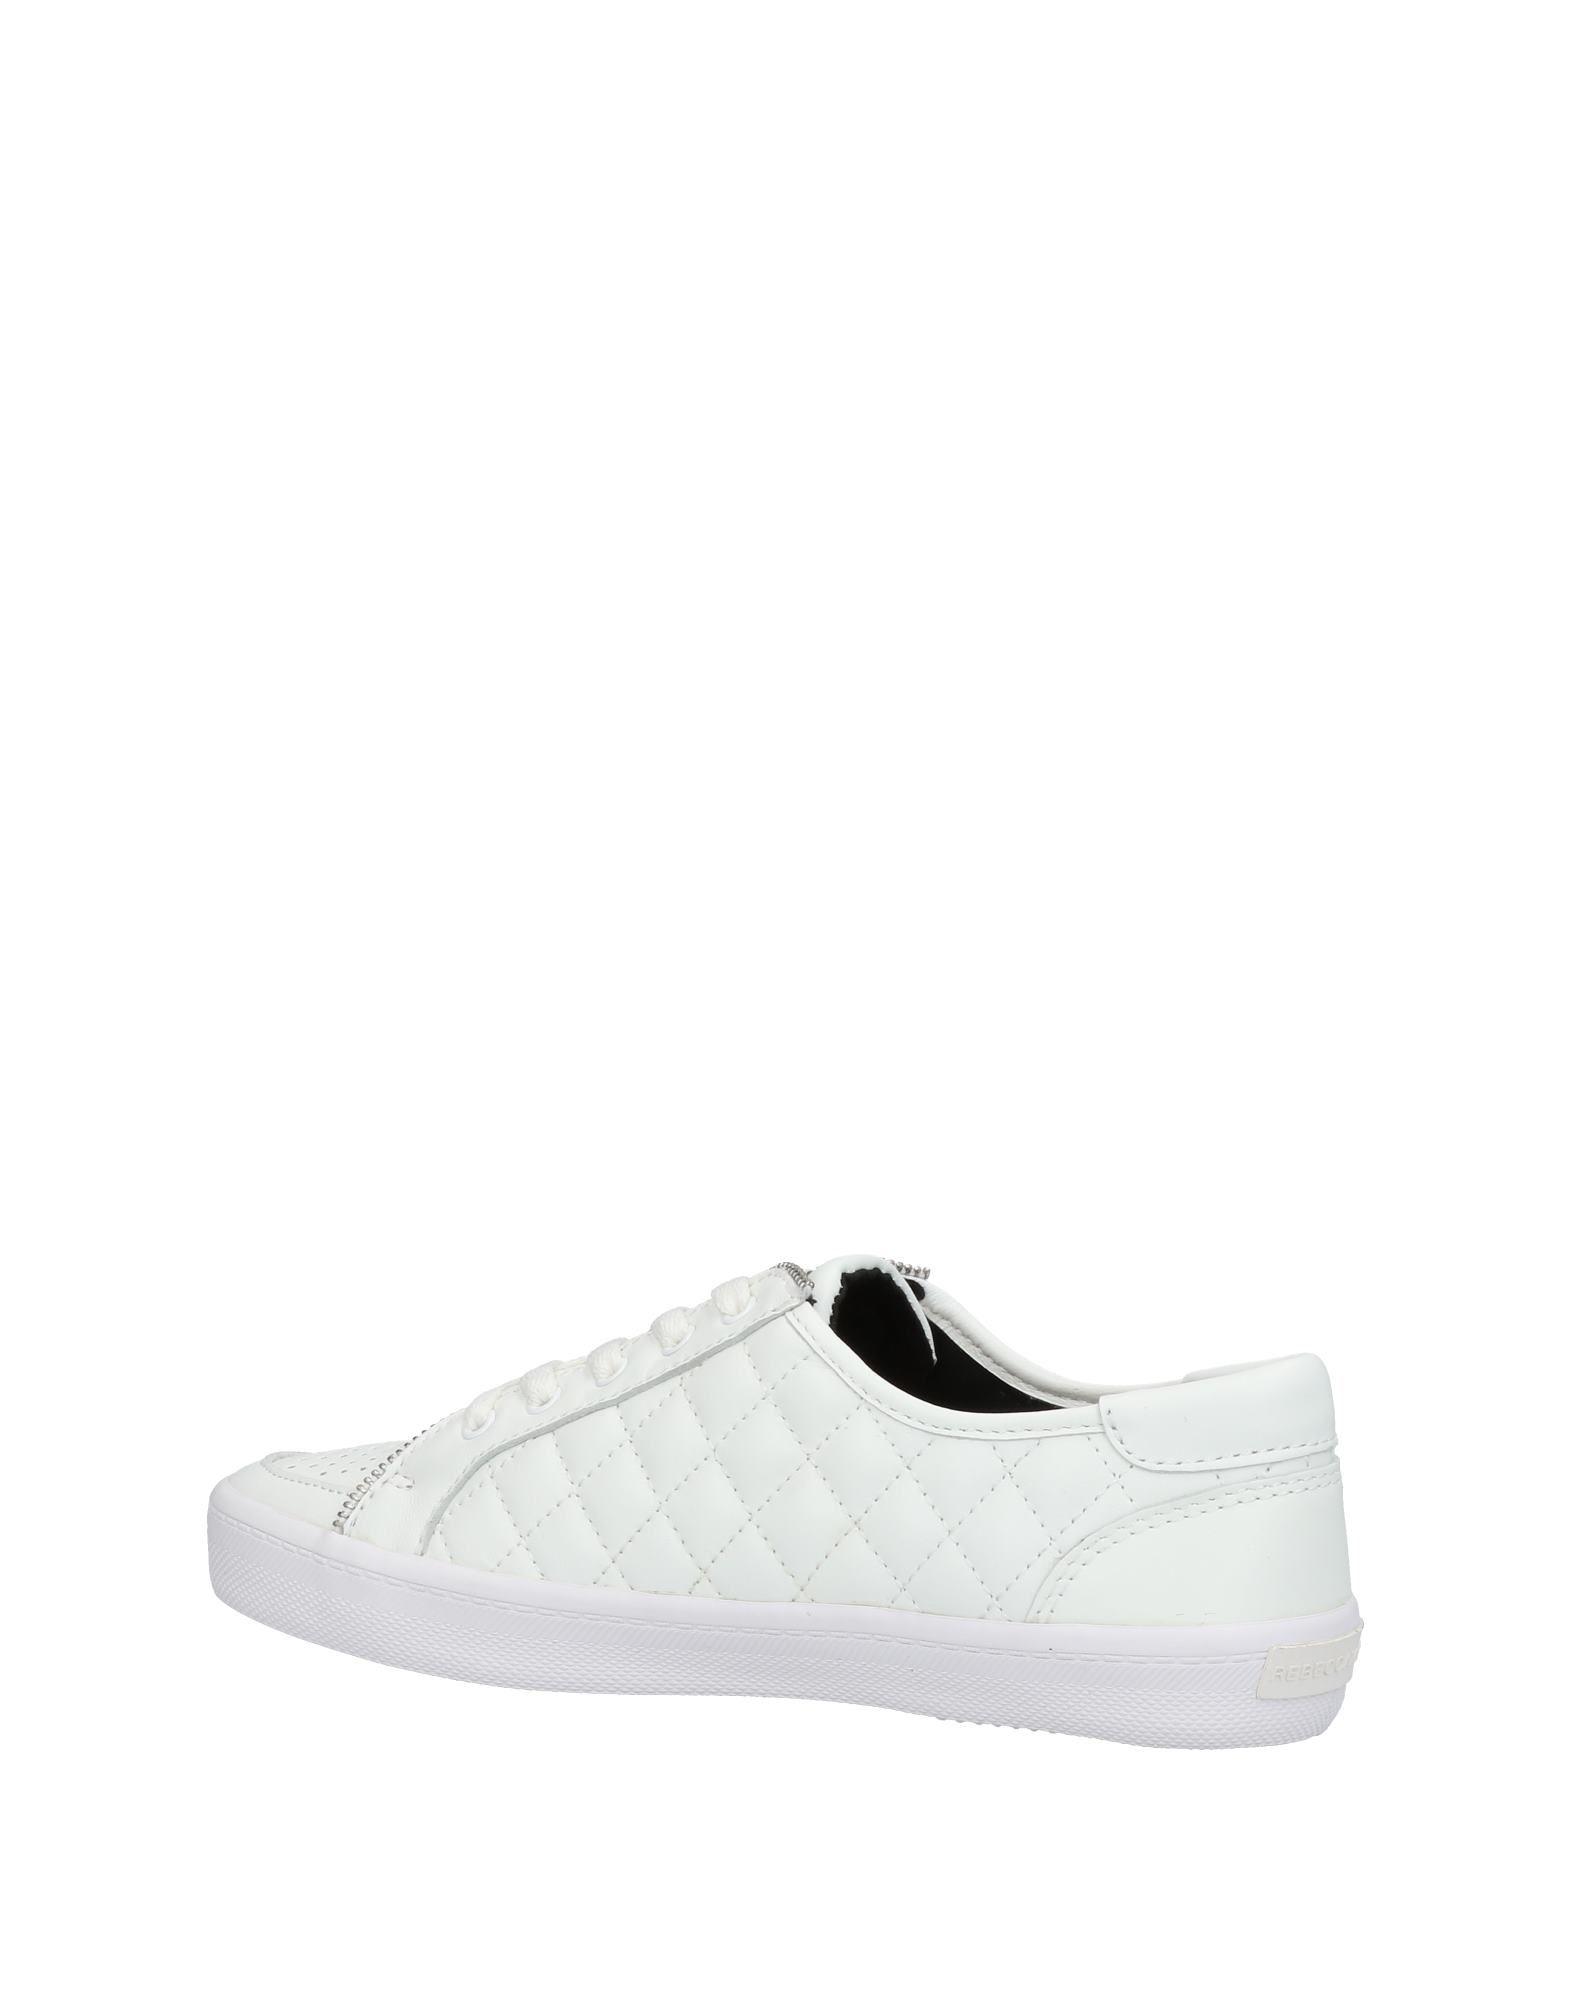 Gut um billige Schuhe zu  tragenRebecca Minkoff Sneakers Damen  zu 11449339JK 4f103a